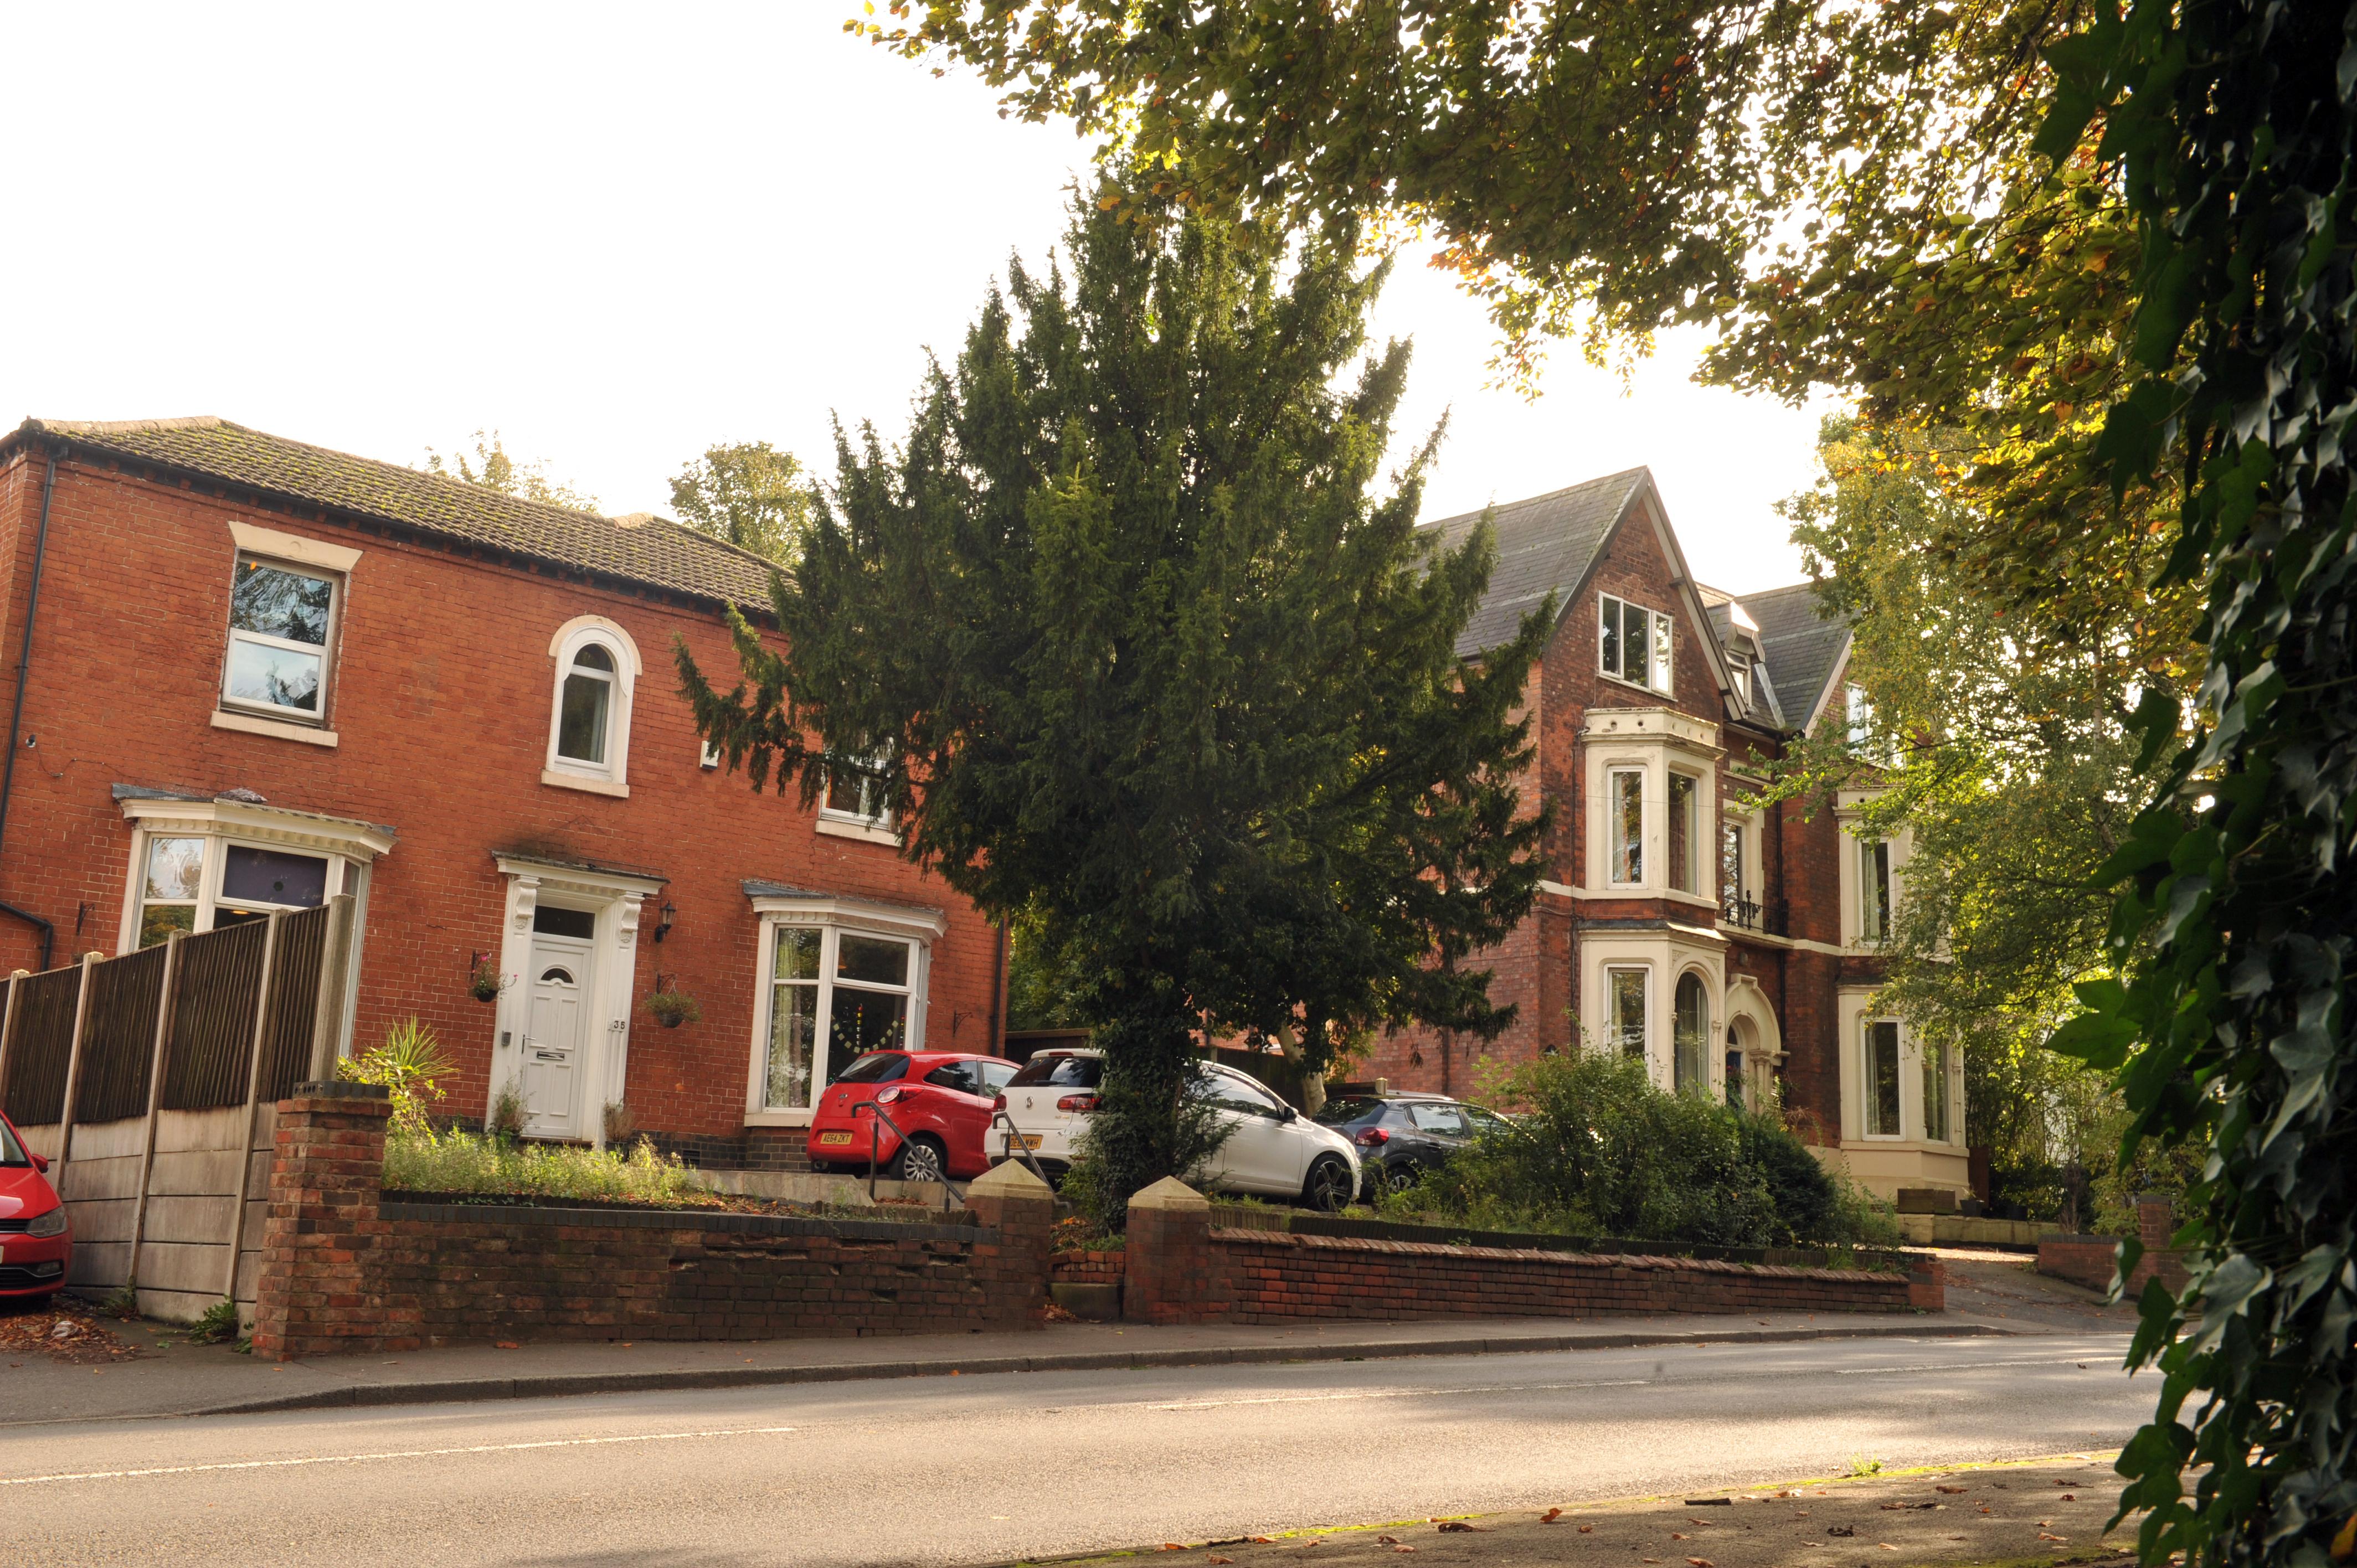 Burton/Trent View